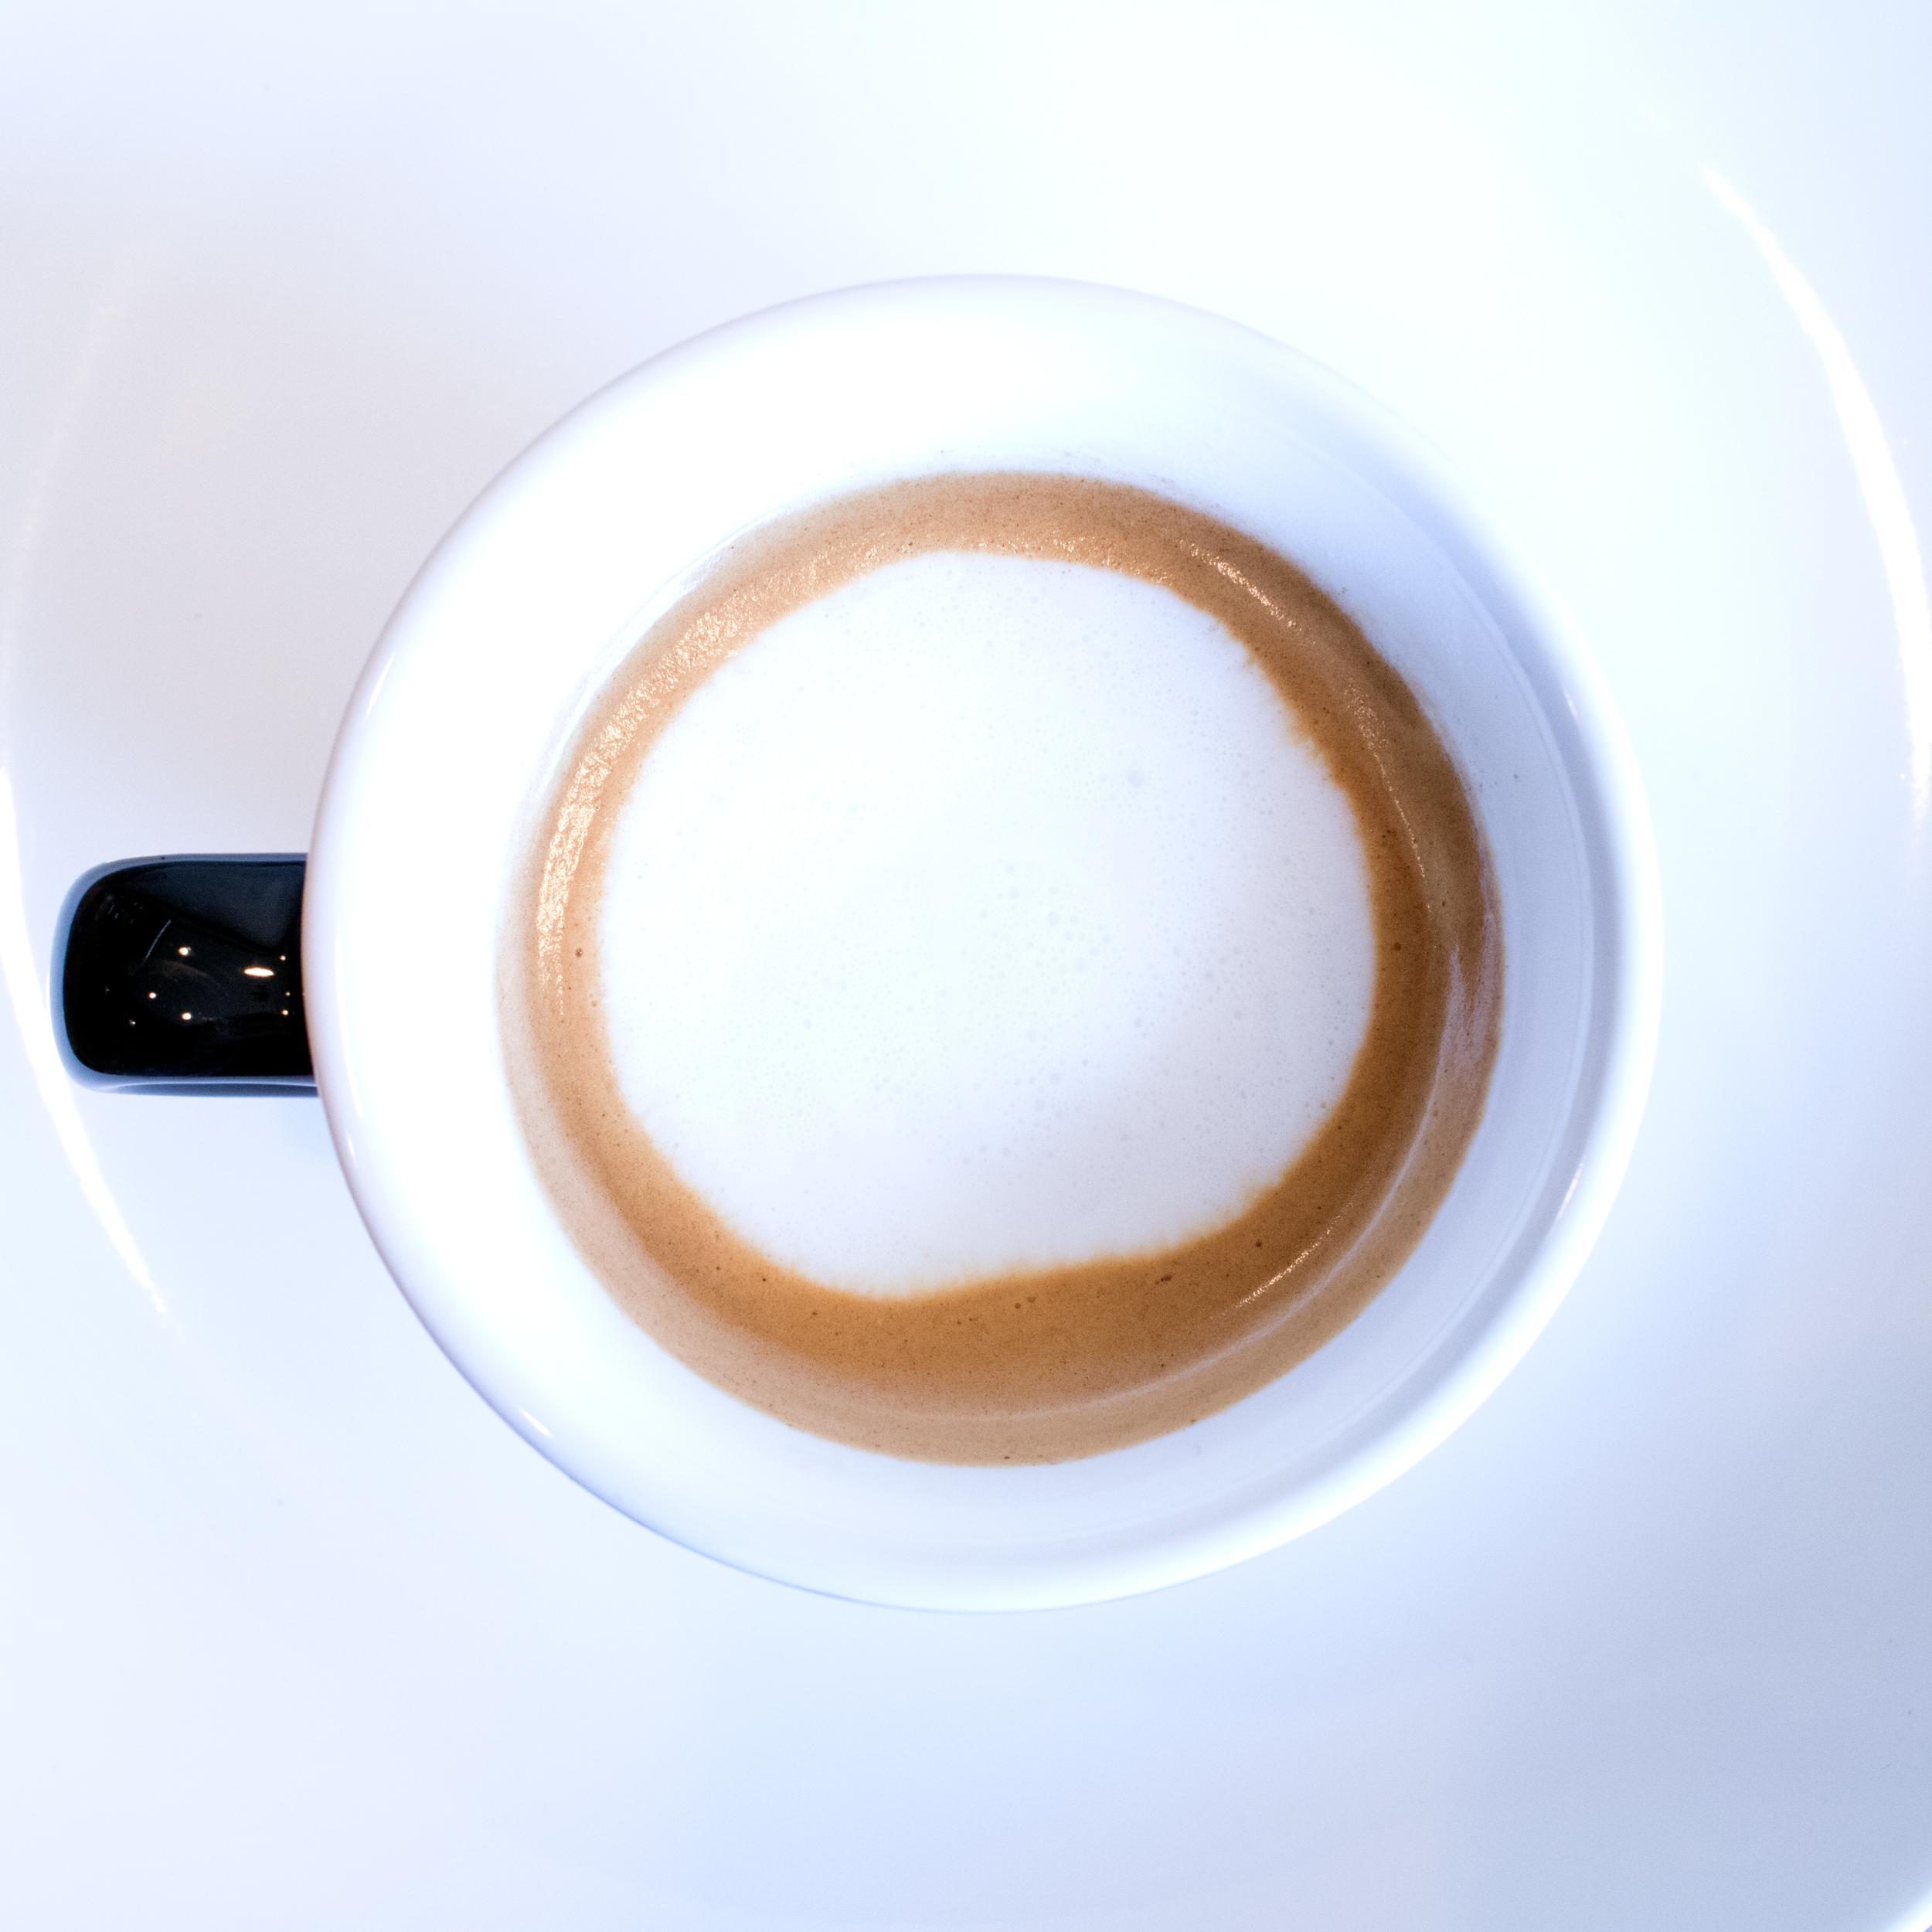 Macchiato - Espresso + Foam